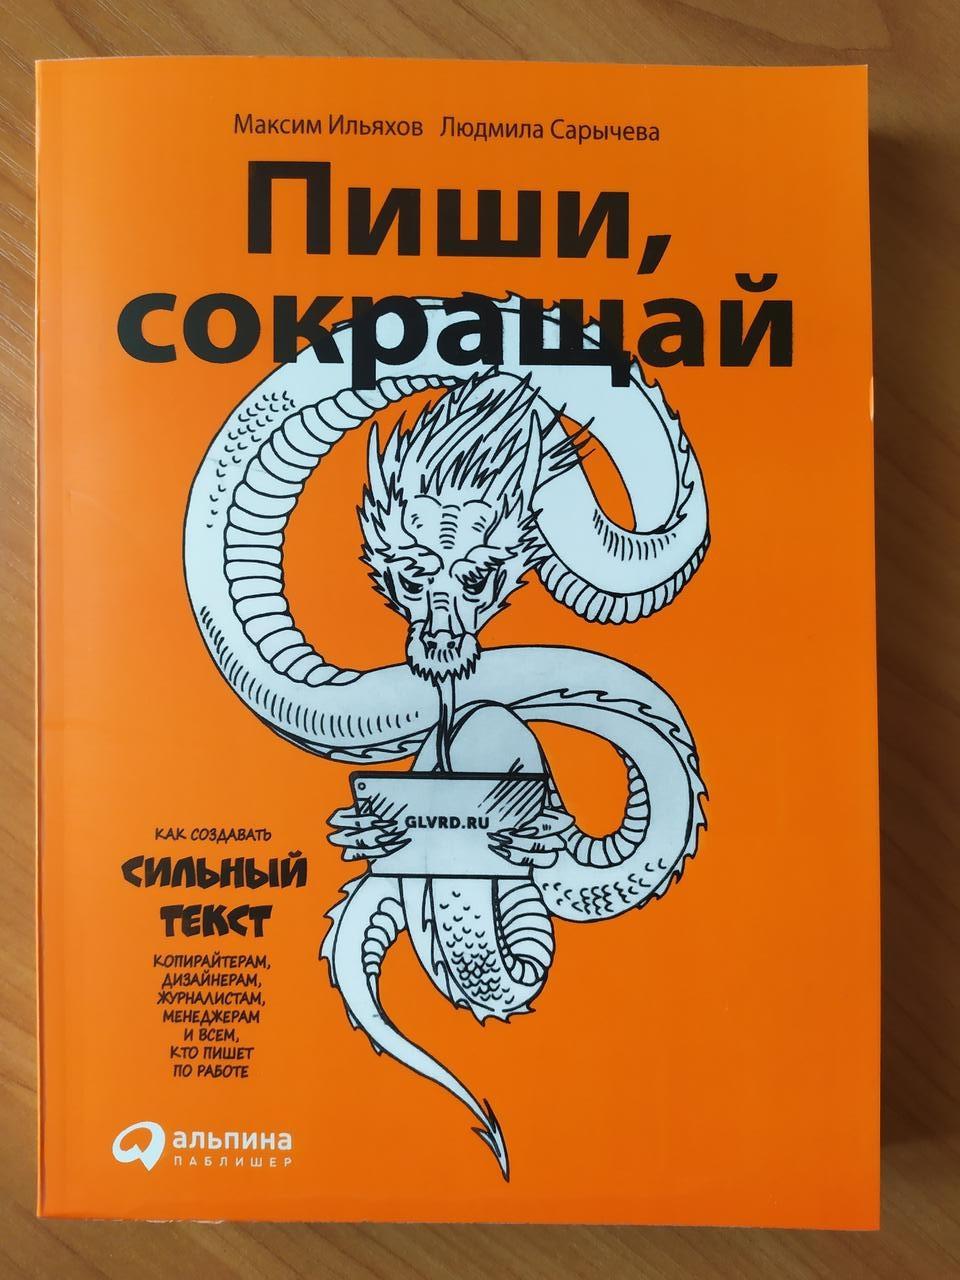 Максим Ильяхов, Людмила Сарычева. Пиши, сокращай. Как создавать сильный текст